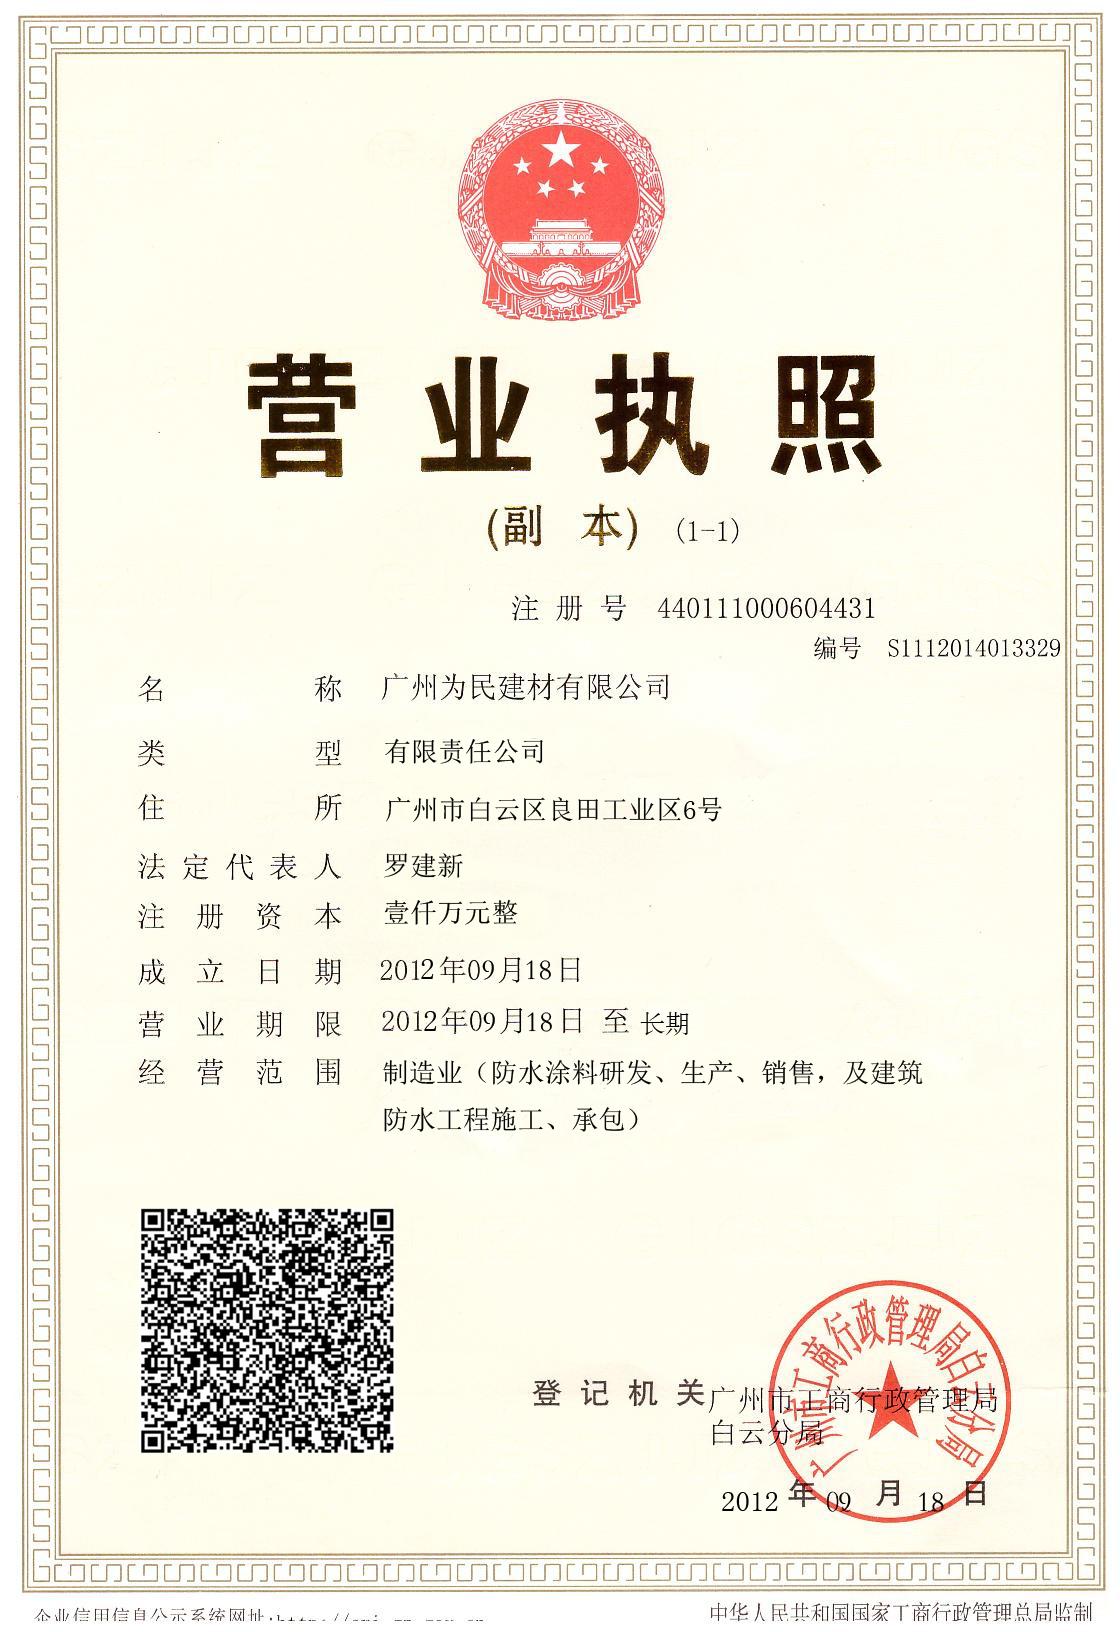 新版营业执照